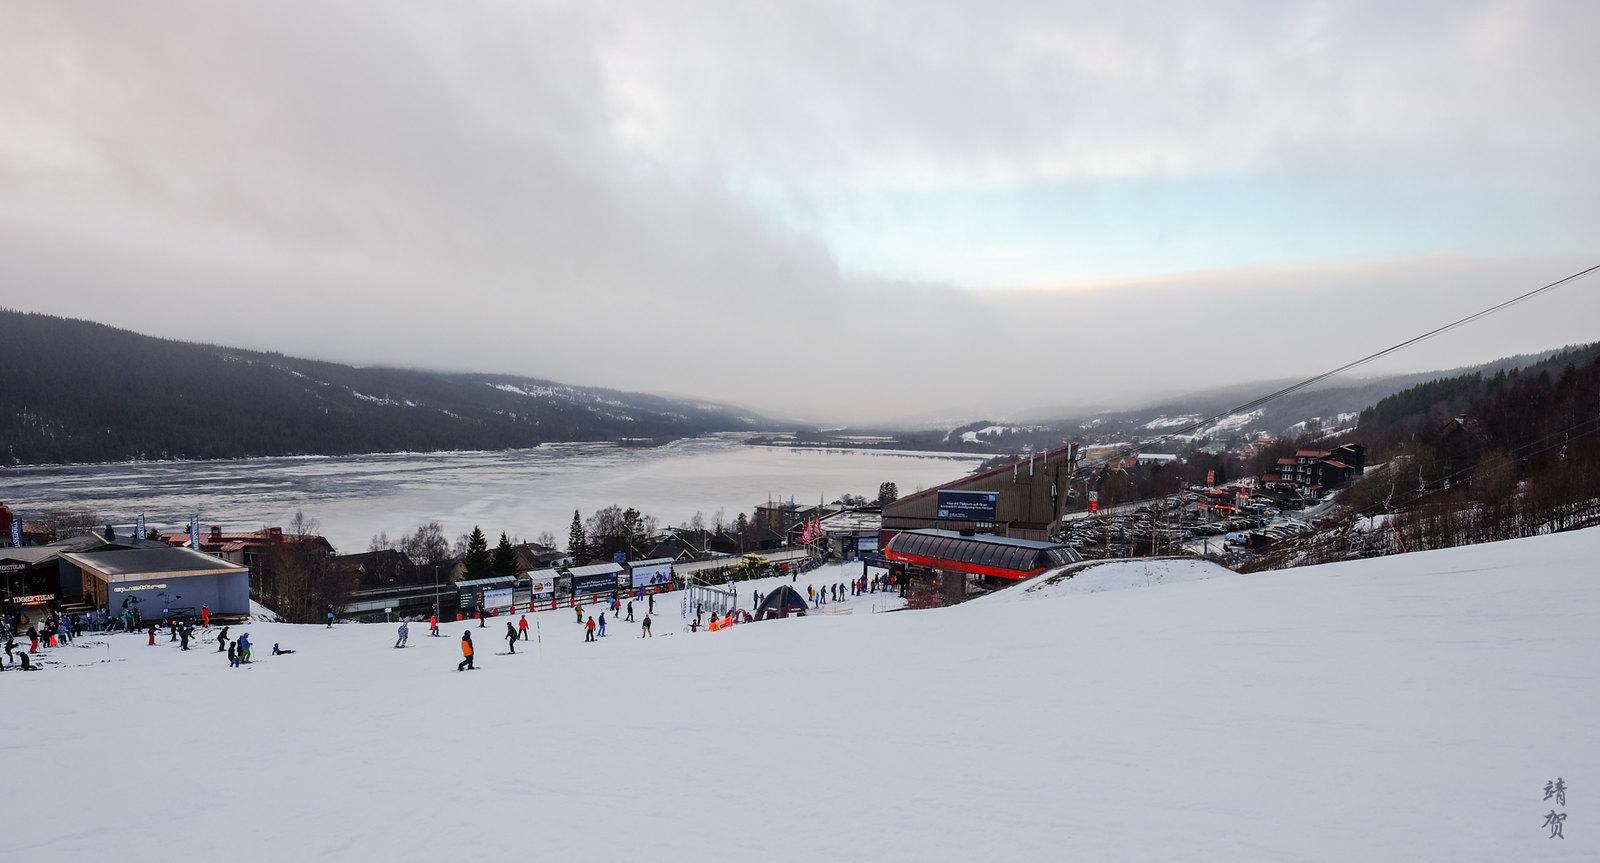 SkiStar Åre base village